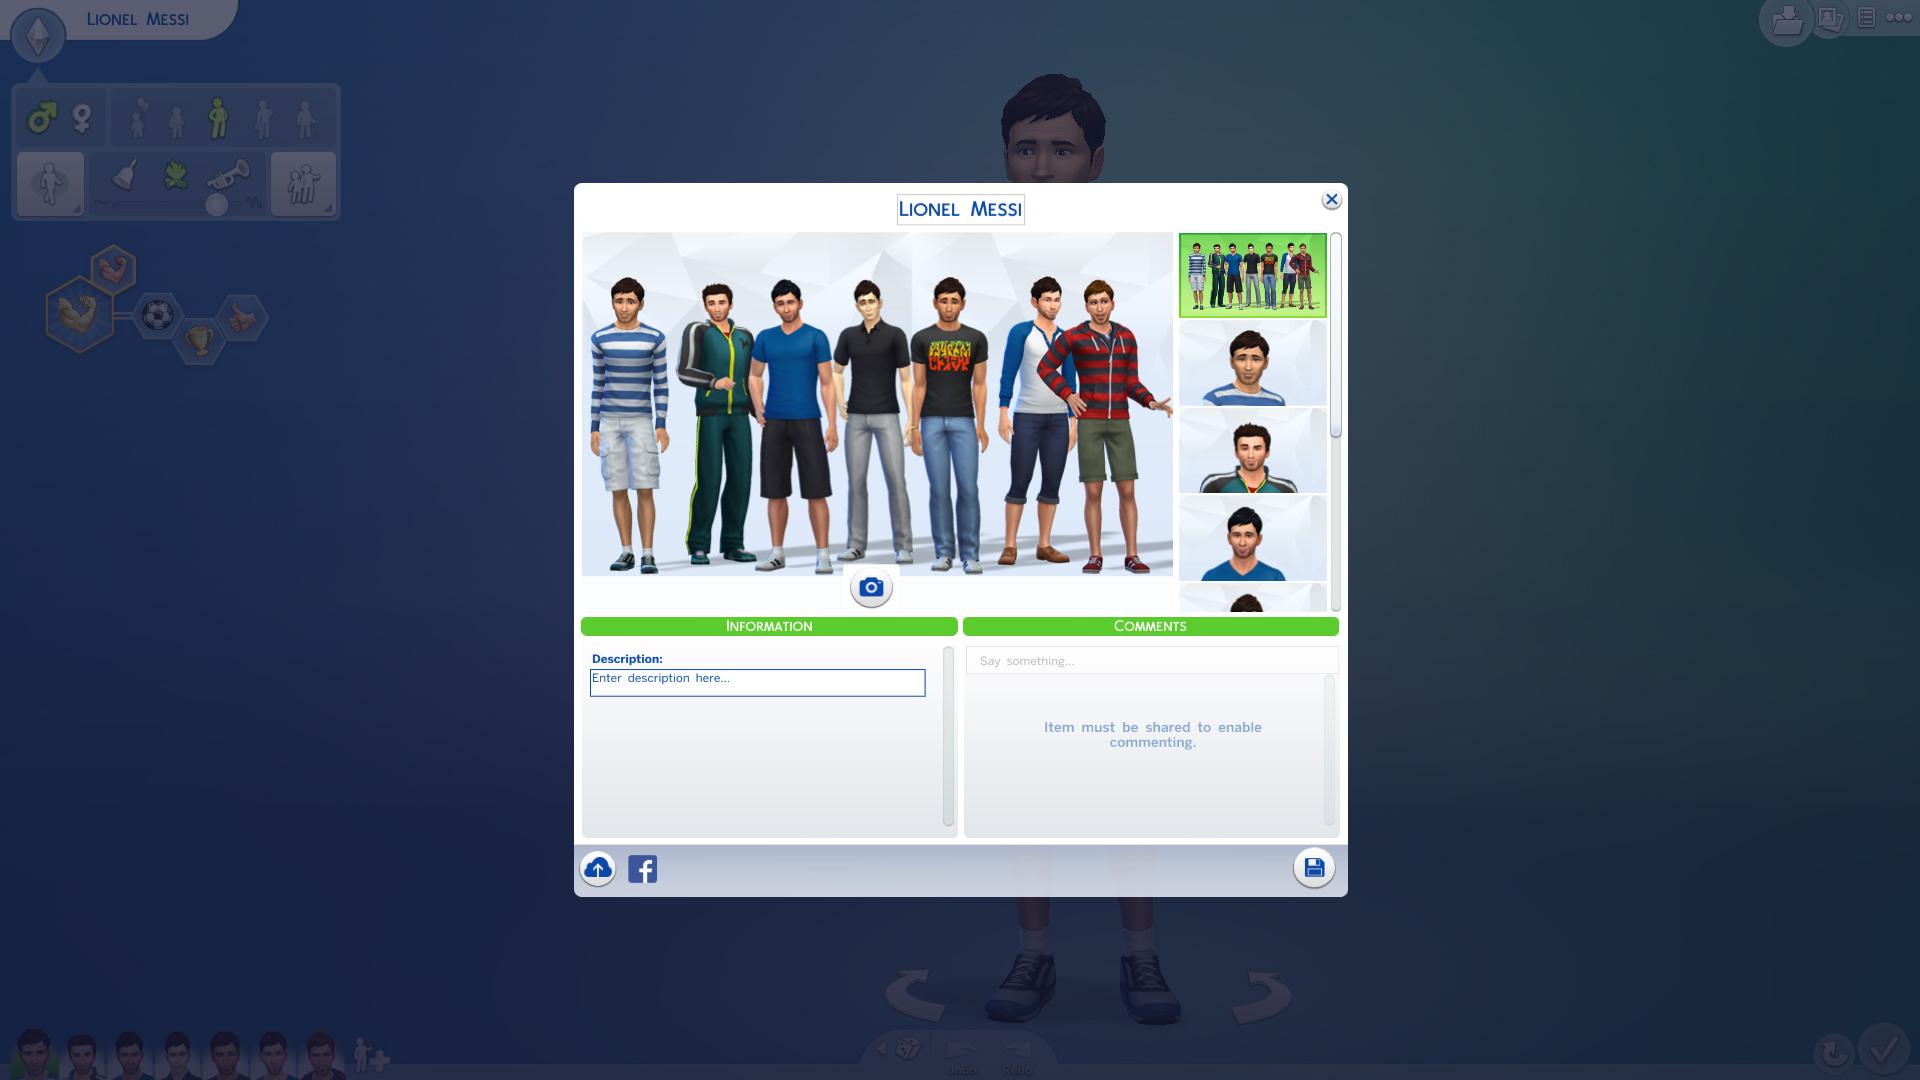 コミュニティのライブラリで、「Messi」を検索したところ、自分が作ったのも含め7人も出てきた